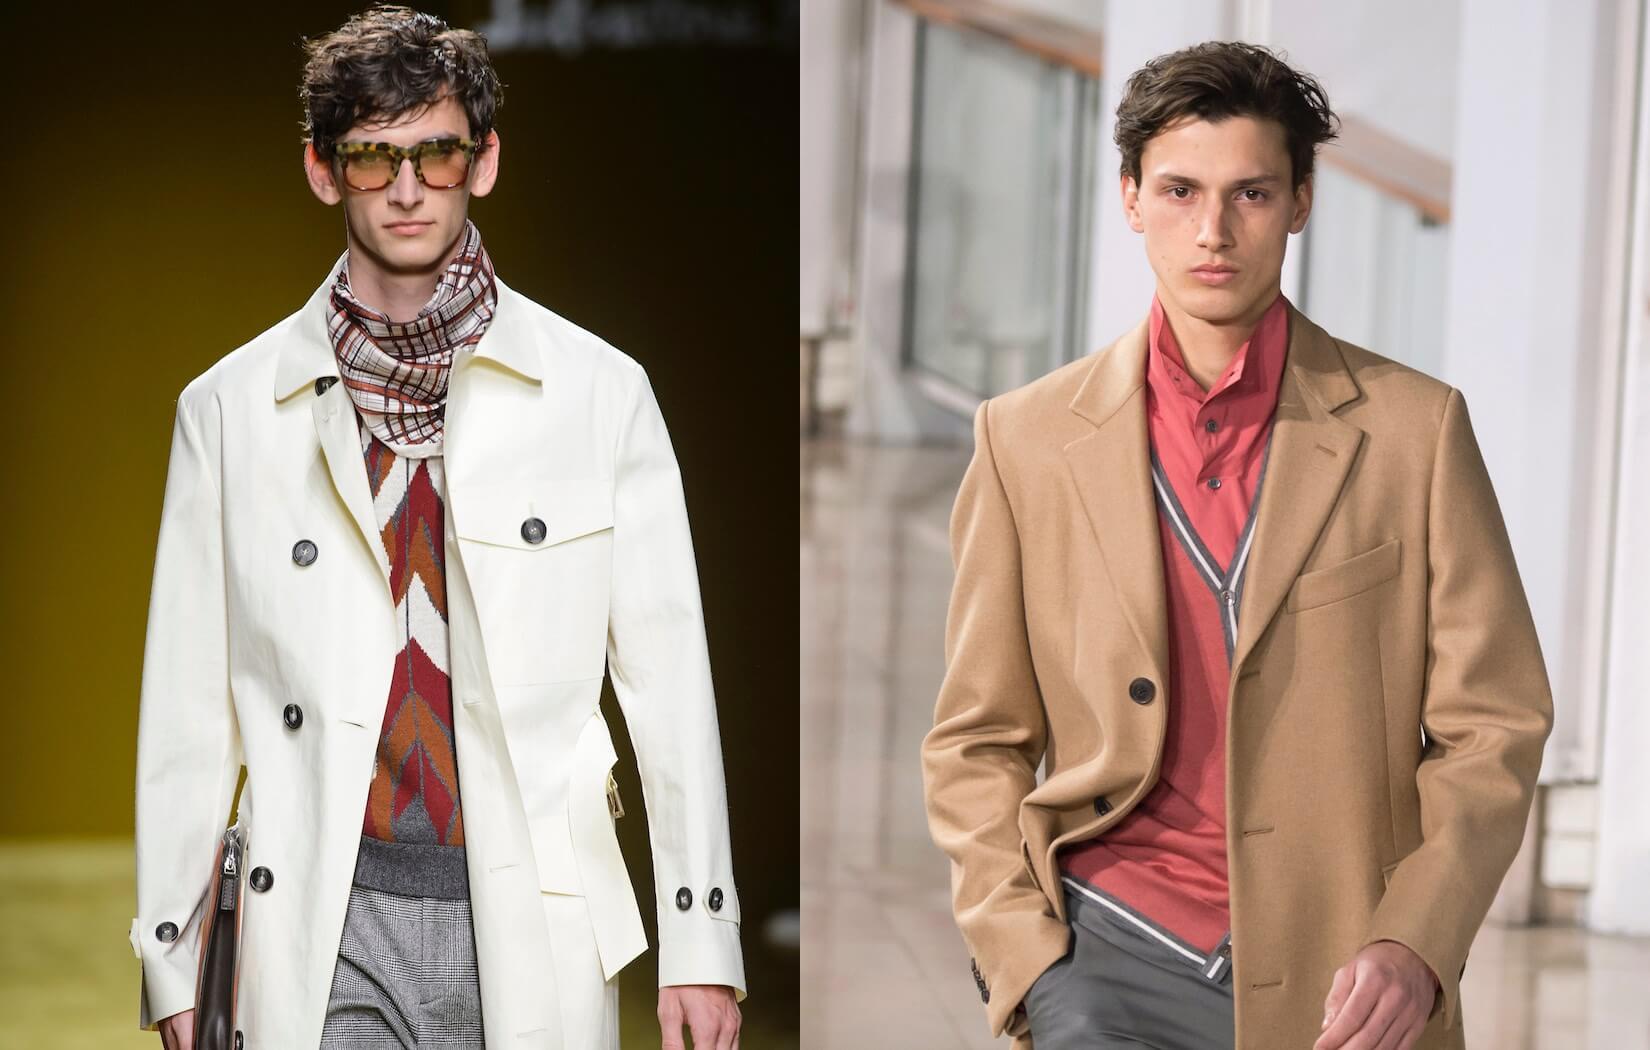 new concept 3c360 527bb Moda uomo, trench e cappotti tra le tendenze dell'inverno ...